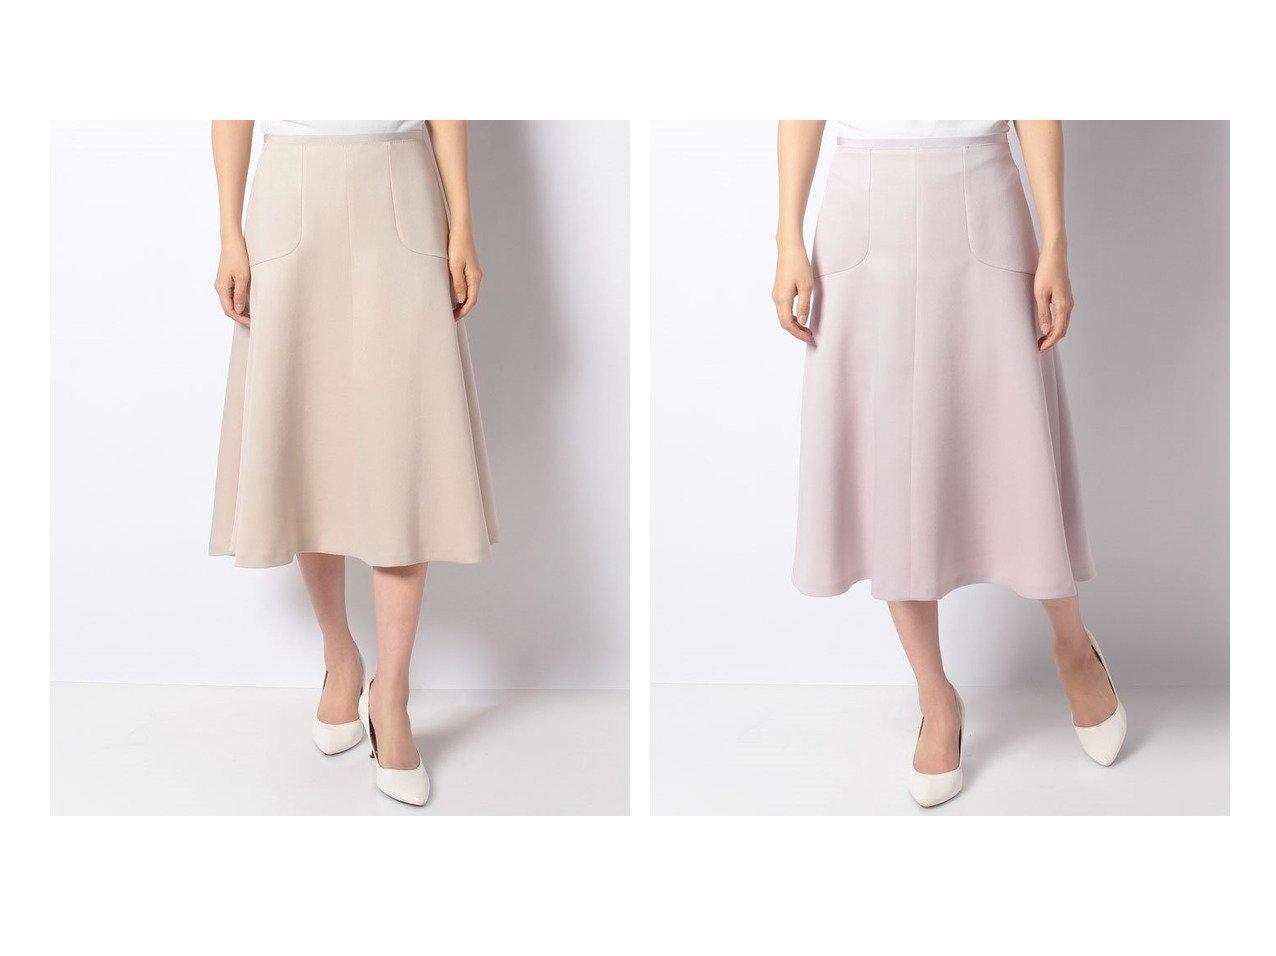 【ANAYI/アナイ】のダブルサテンフレアヘムスカート アナイのおすすめ!人気、トレンド・レディースファッションの通販  おすすめで人気の流行・トレンド、ファッションの通販商品 メンズファッション・キッズファッション・インテリア・家具・レディースファッション・服の通販 founy(ファニー) https://founy.com/ ファッション Fashion レディースファッション WOMEN スカート Skirt Aライン/フレアスカート Flared A-Line Skirts NEW・新作・新着・新入荷 New Arrivals ギャザー フレア ミモレ |ID:crp329100000022132